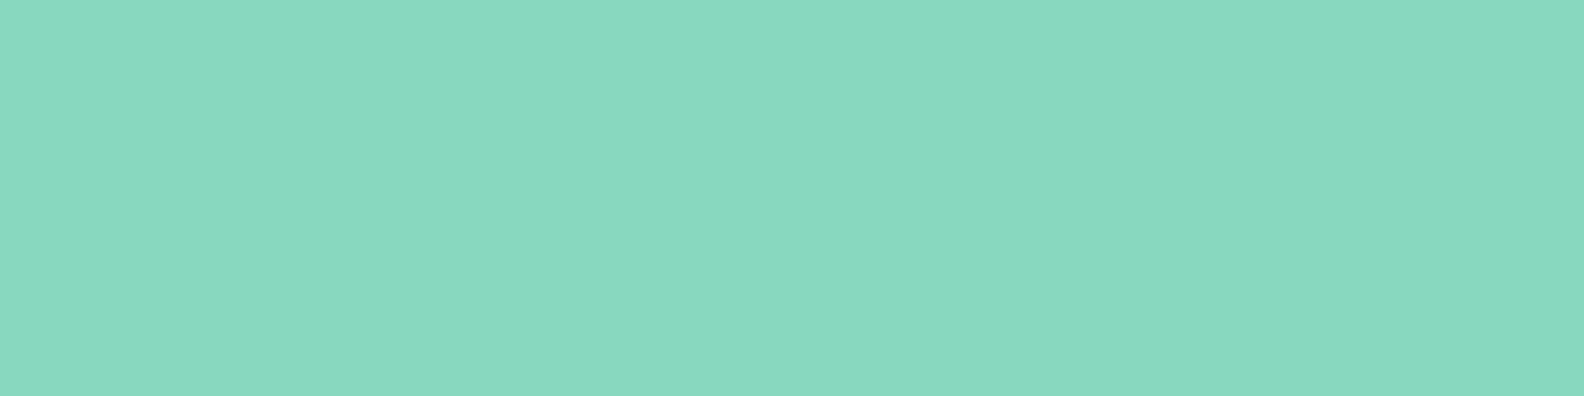 1584x396 Pearl Aqua Solid Color Background